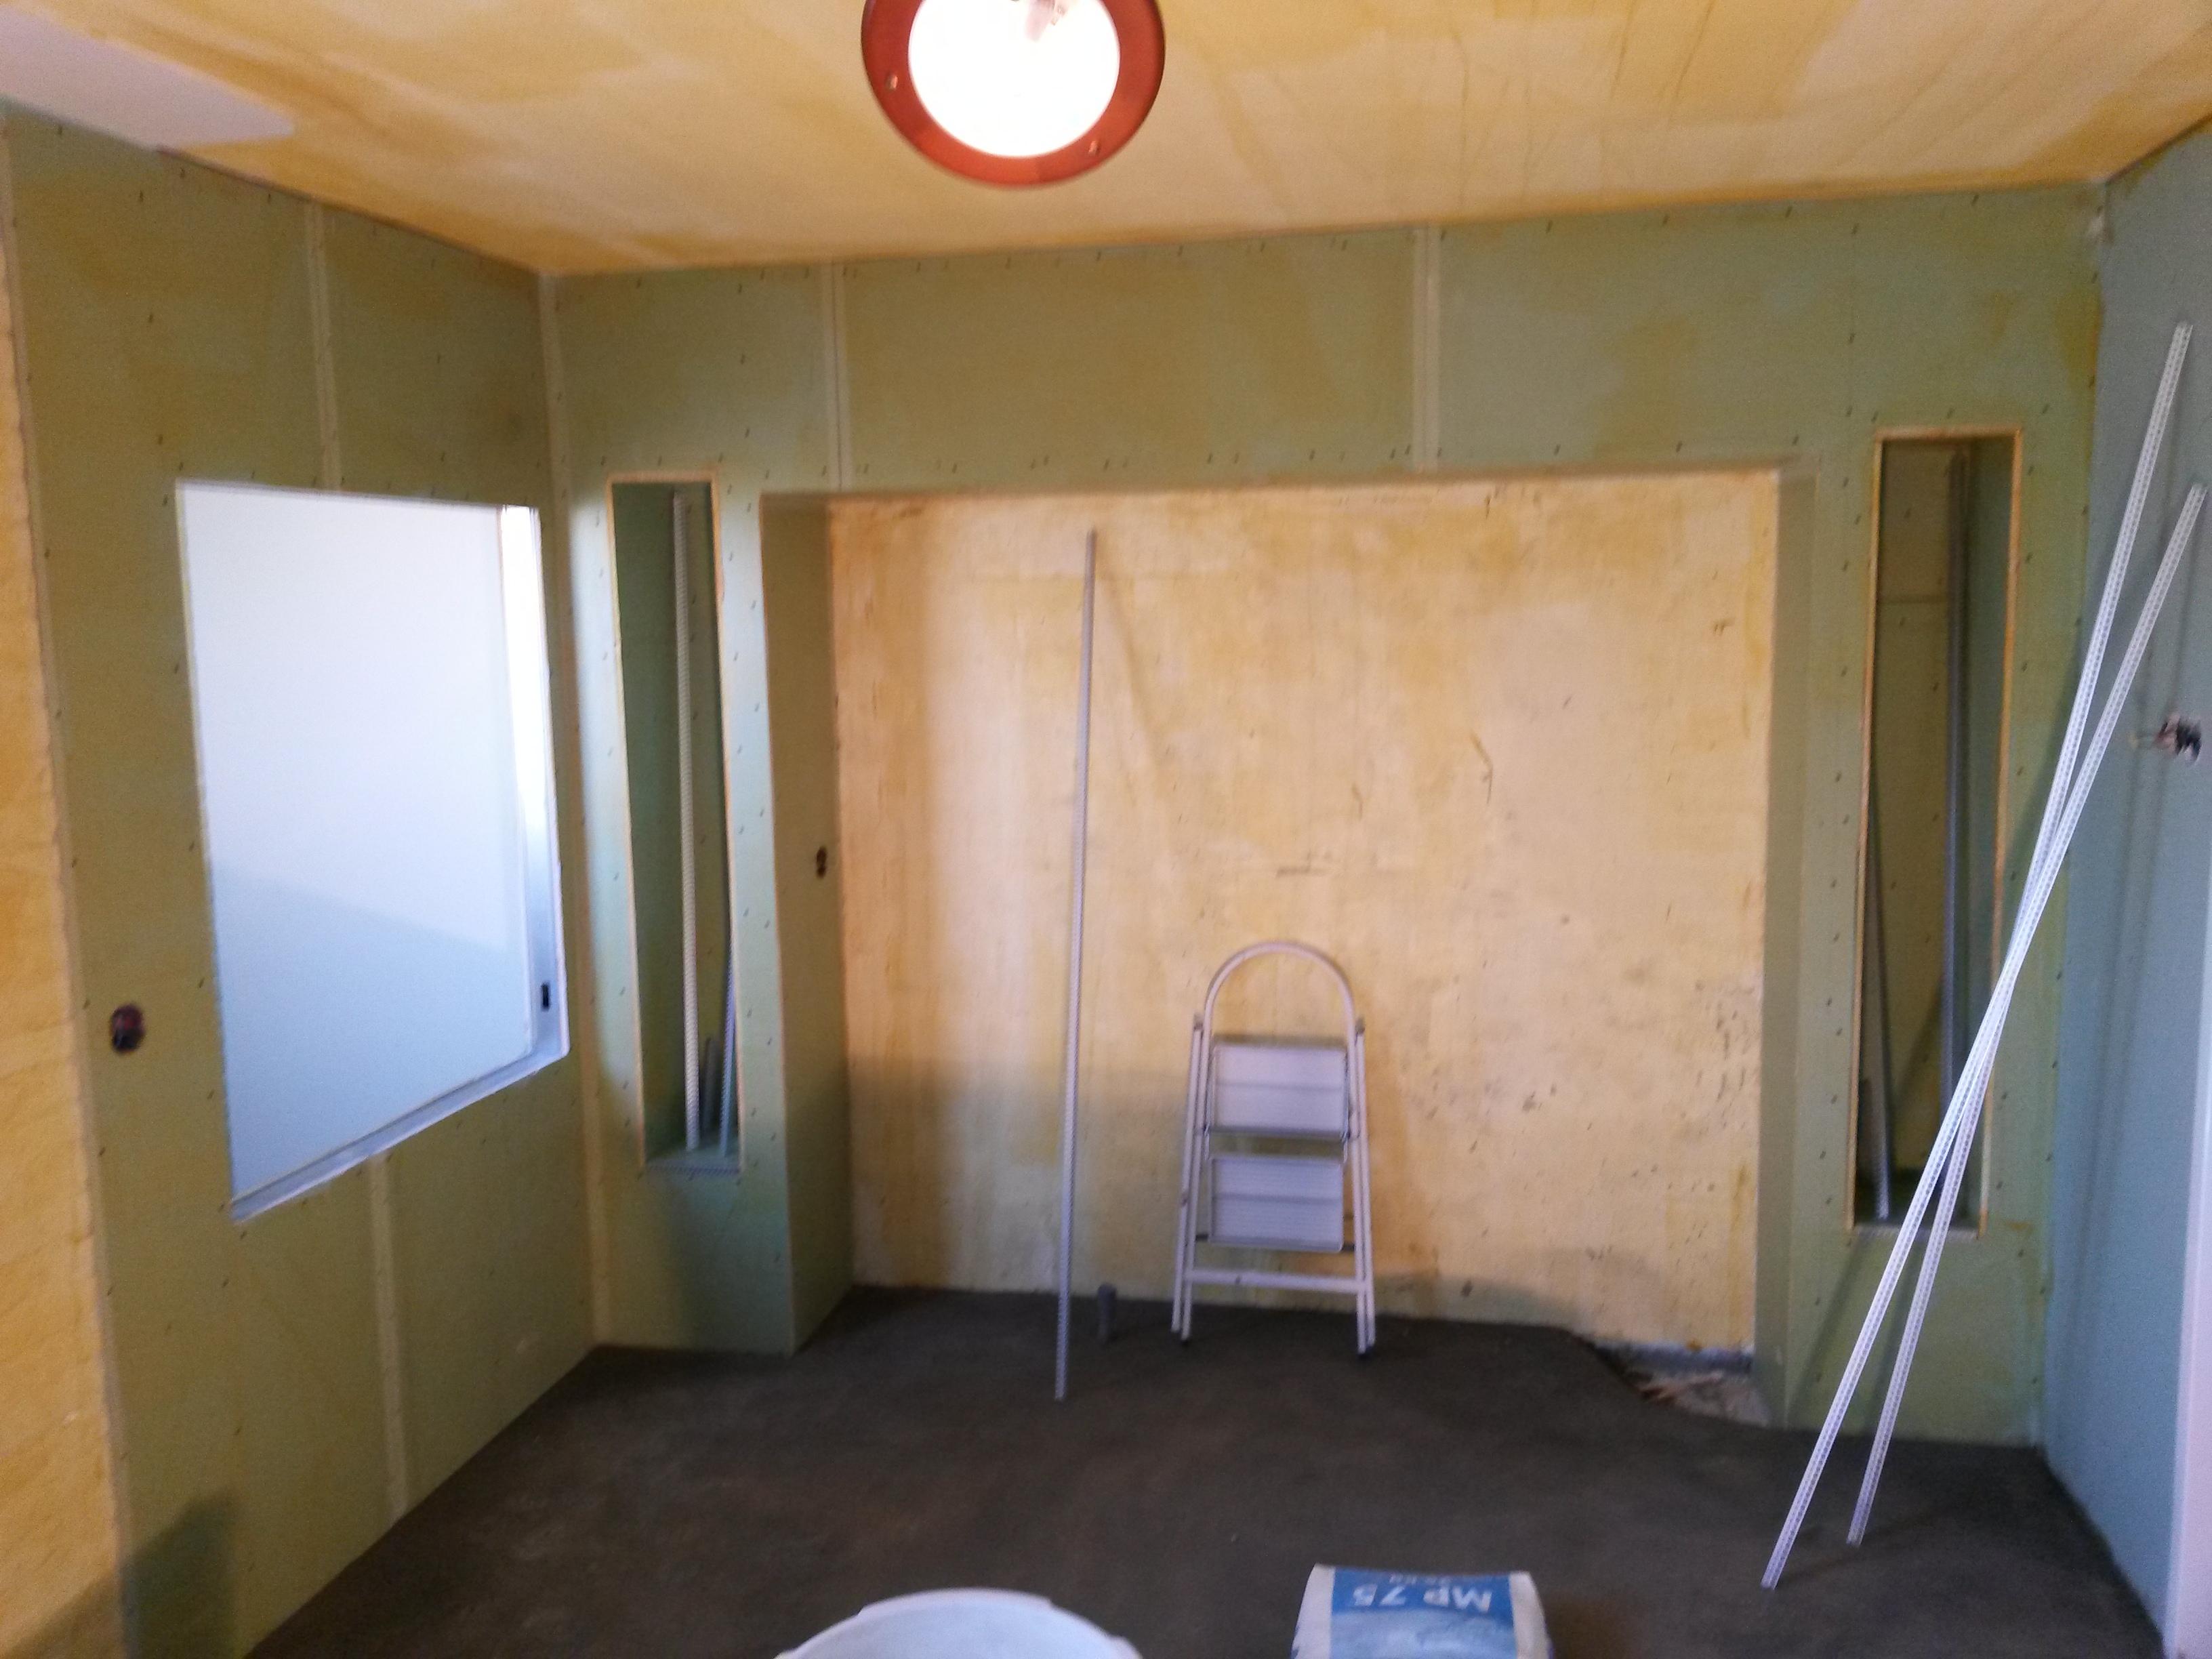 badkamer klusbedrijf] - 100 images - badkamer renovatie klusbedrijf ...